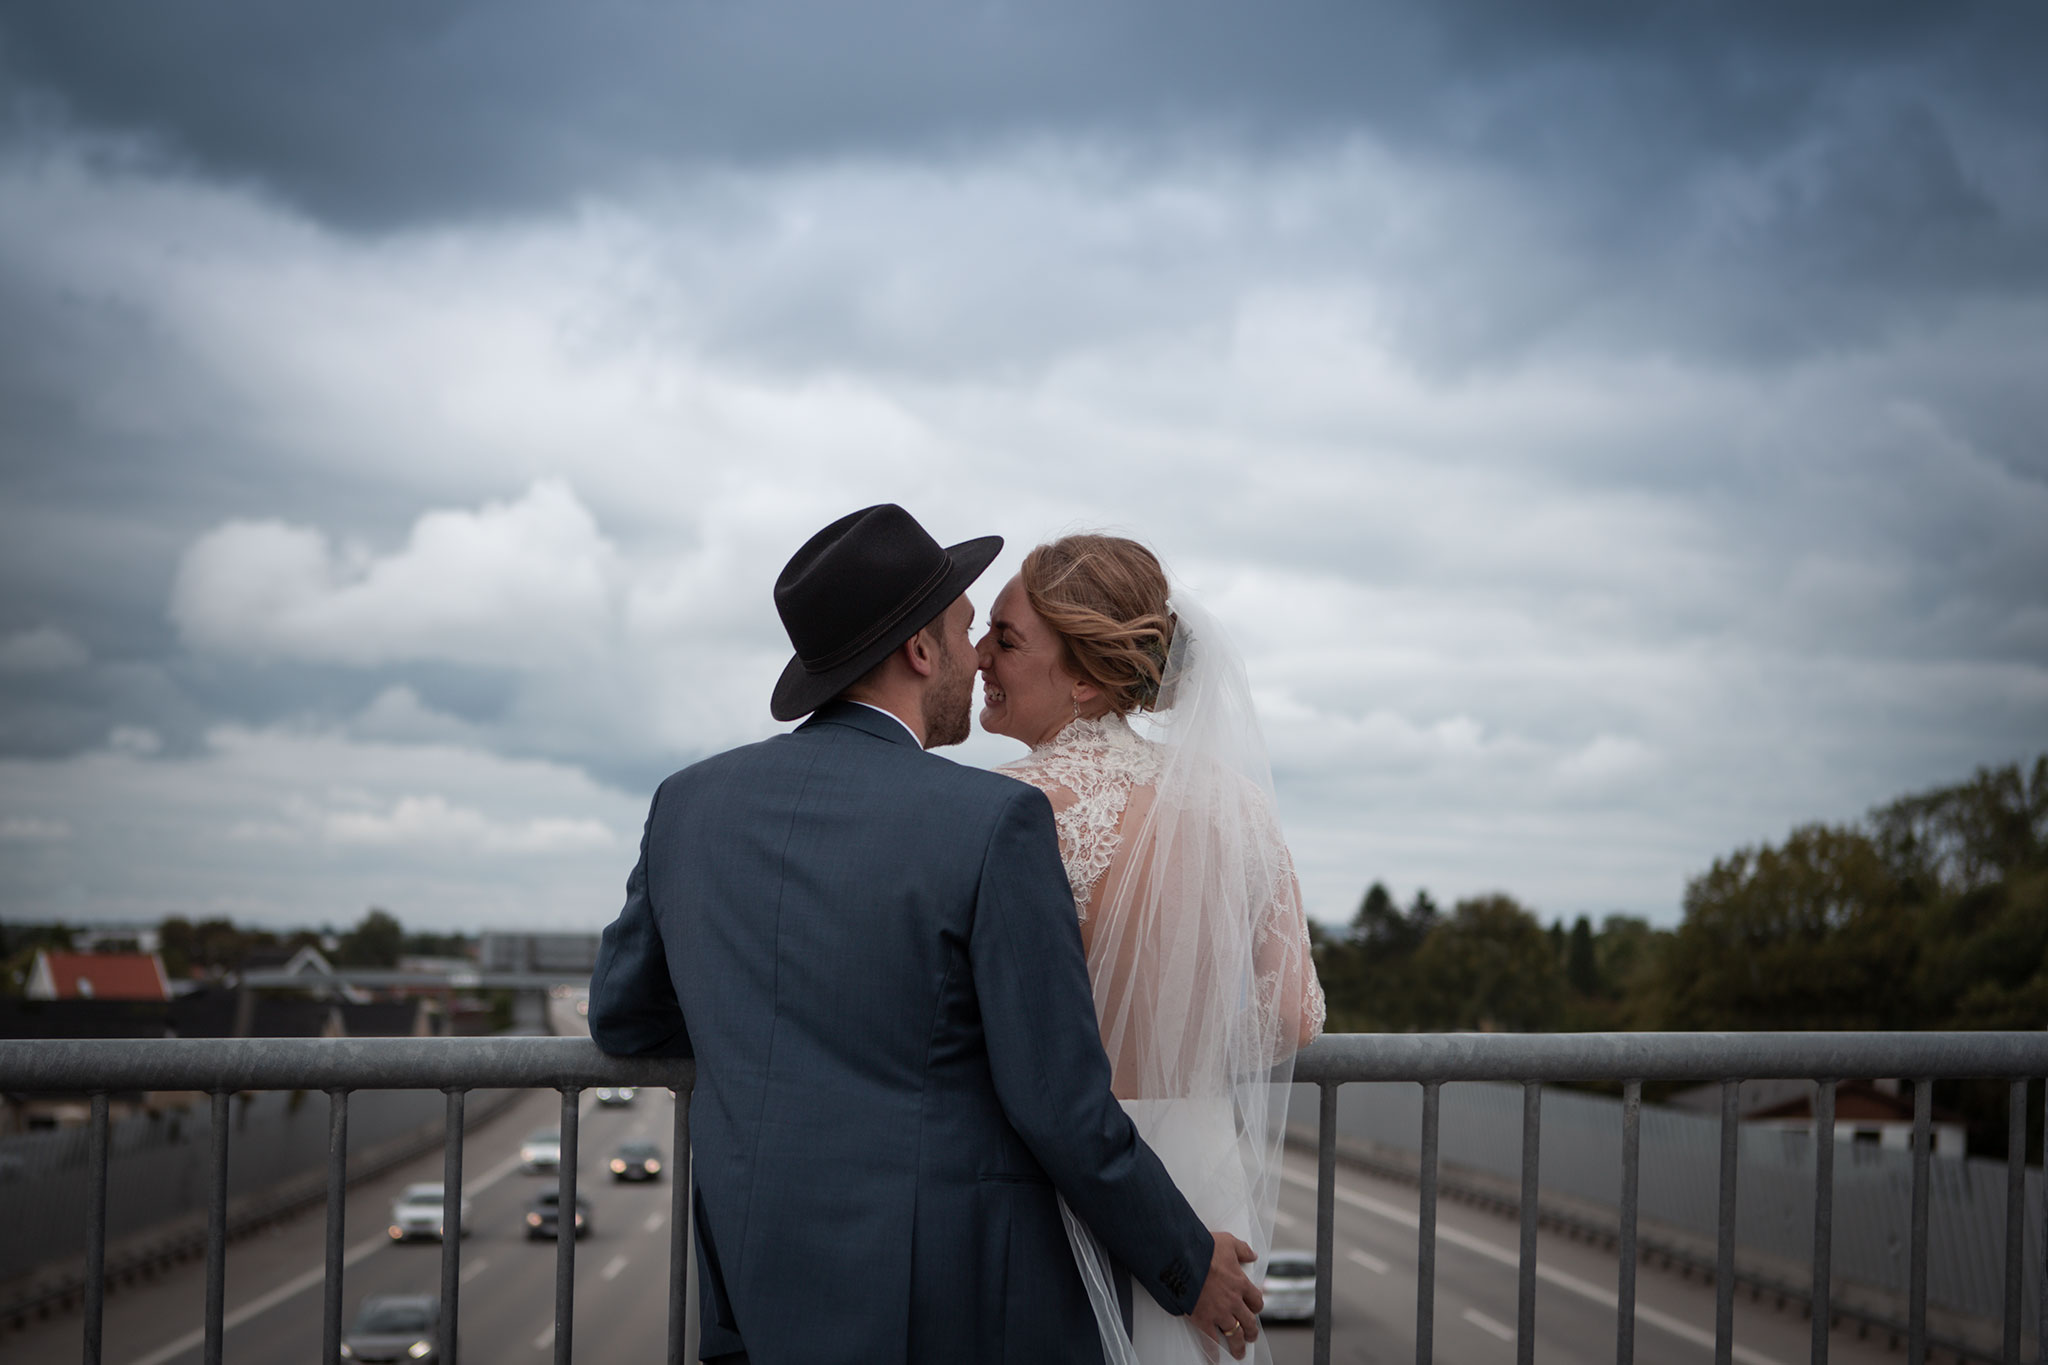 mads_eneqvist_weddings_by_me_bryllupsbilleder_forside_15 Forside